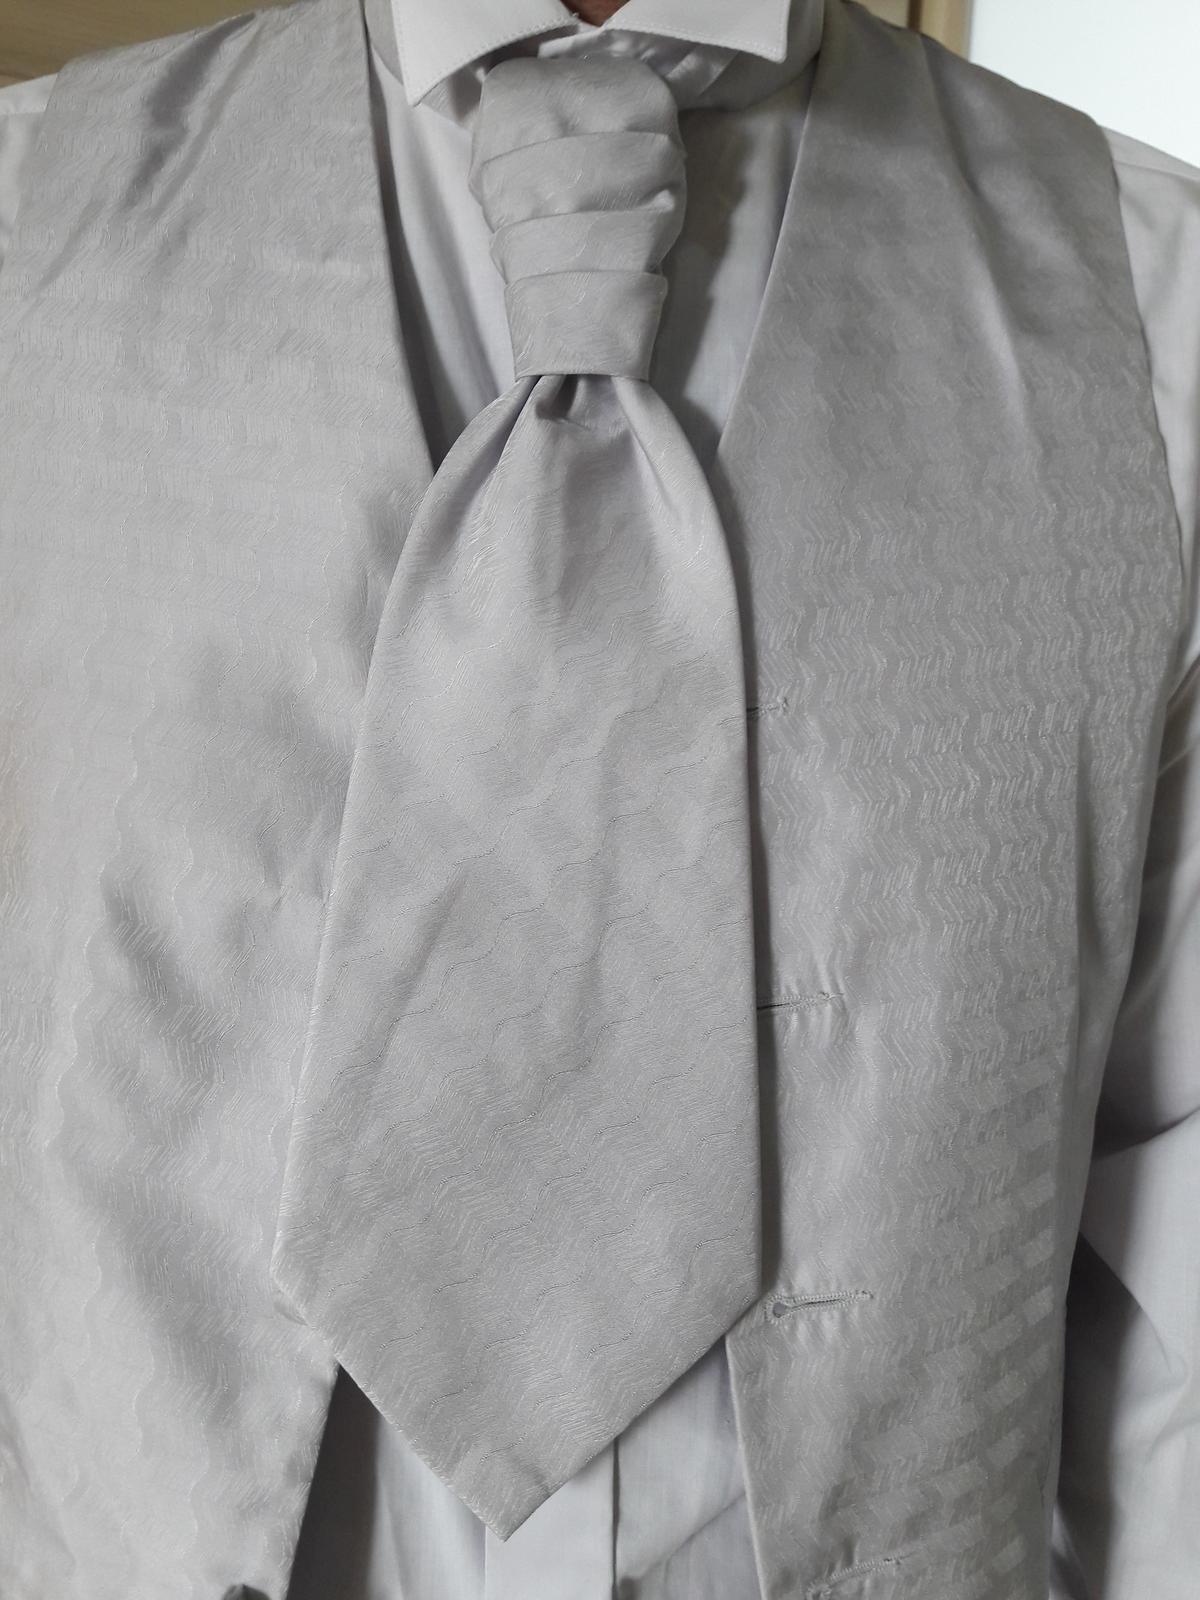 Oblek pre ženícha (svadobný oblek) - Obrázok č. 3